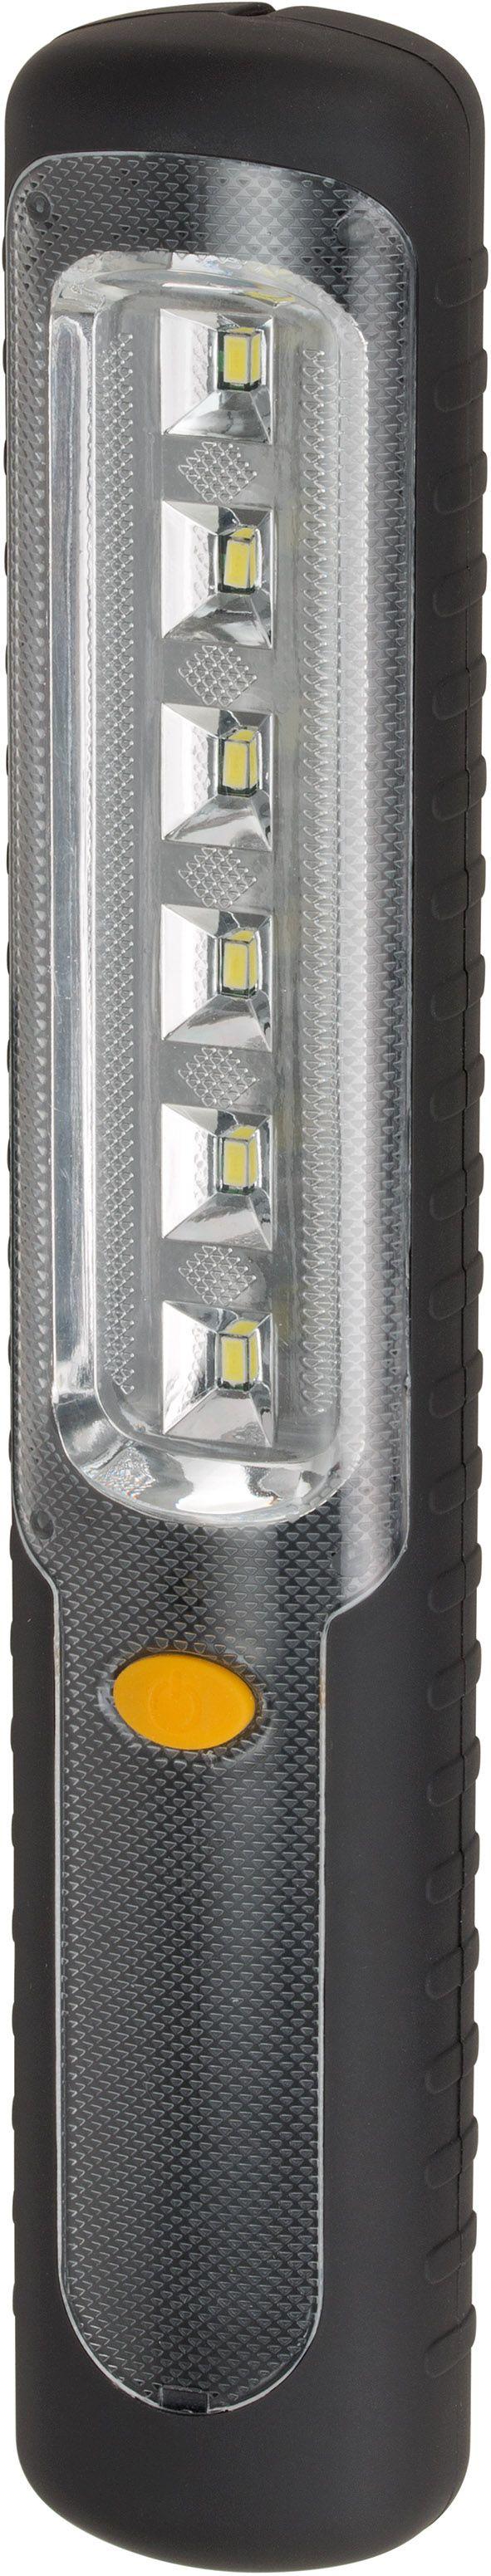 6 LED Akku-Handleuchte HL DA 6 DM2H mit Dynamo, Haken und Magnet